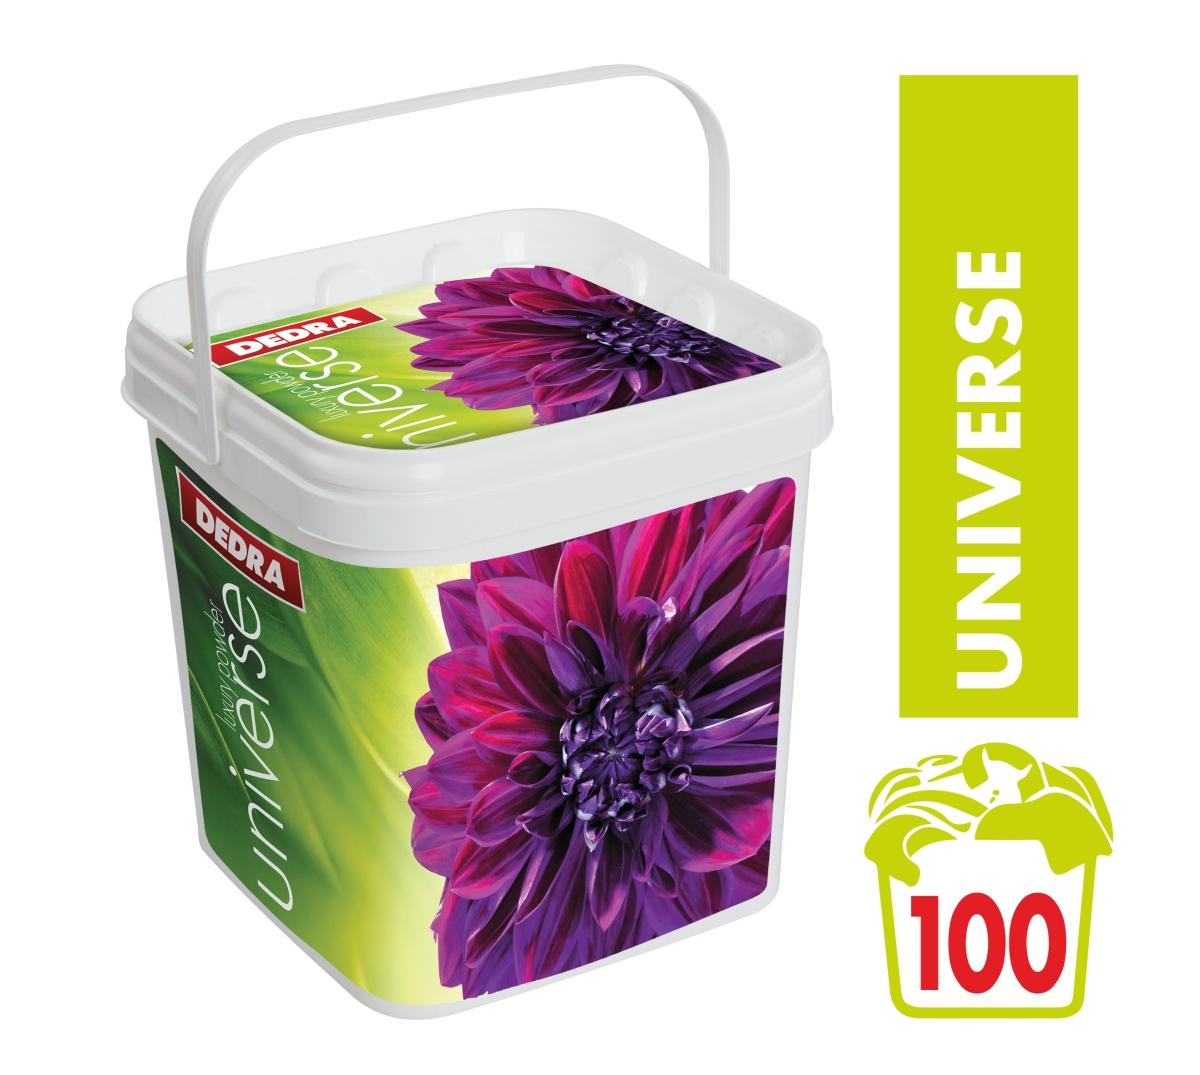 UNIVERSE 100 PRANÍ na bílé i barevné, 5 kg + box koncentrovaný univerzální prášek